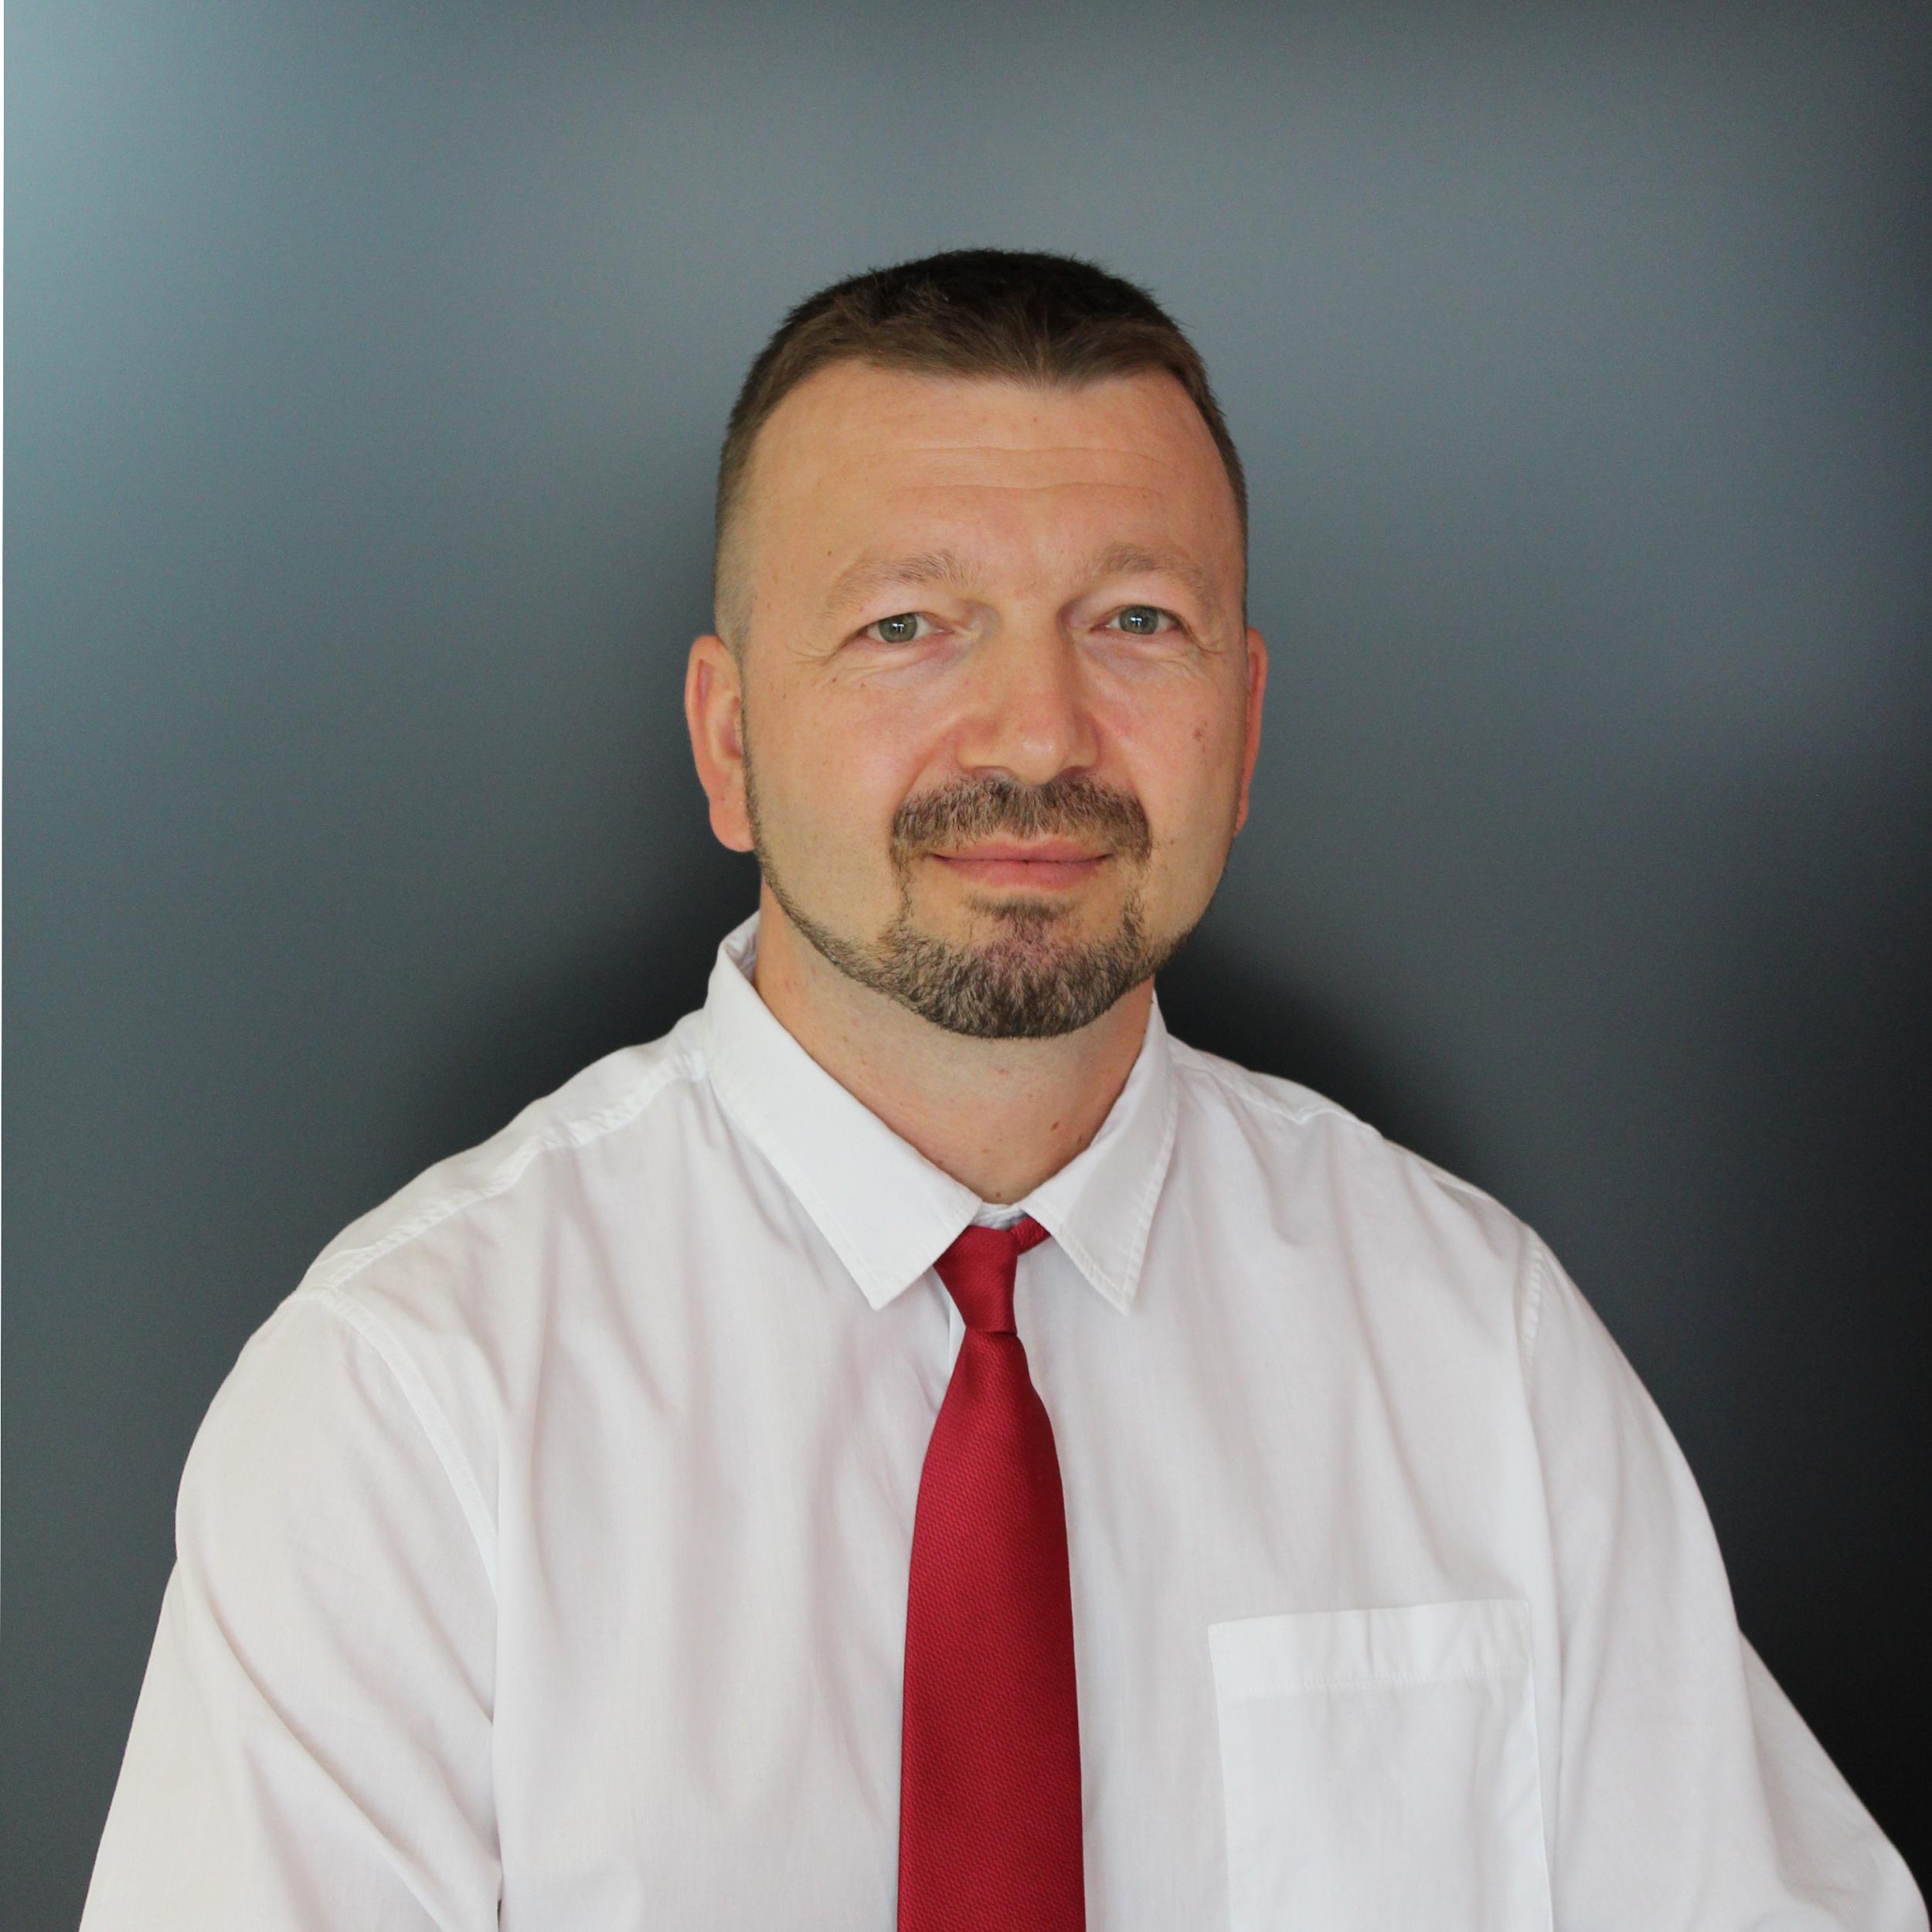 Zdeněk Hála